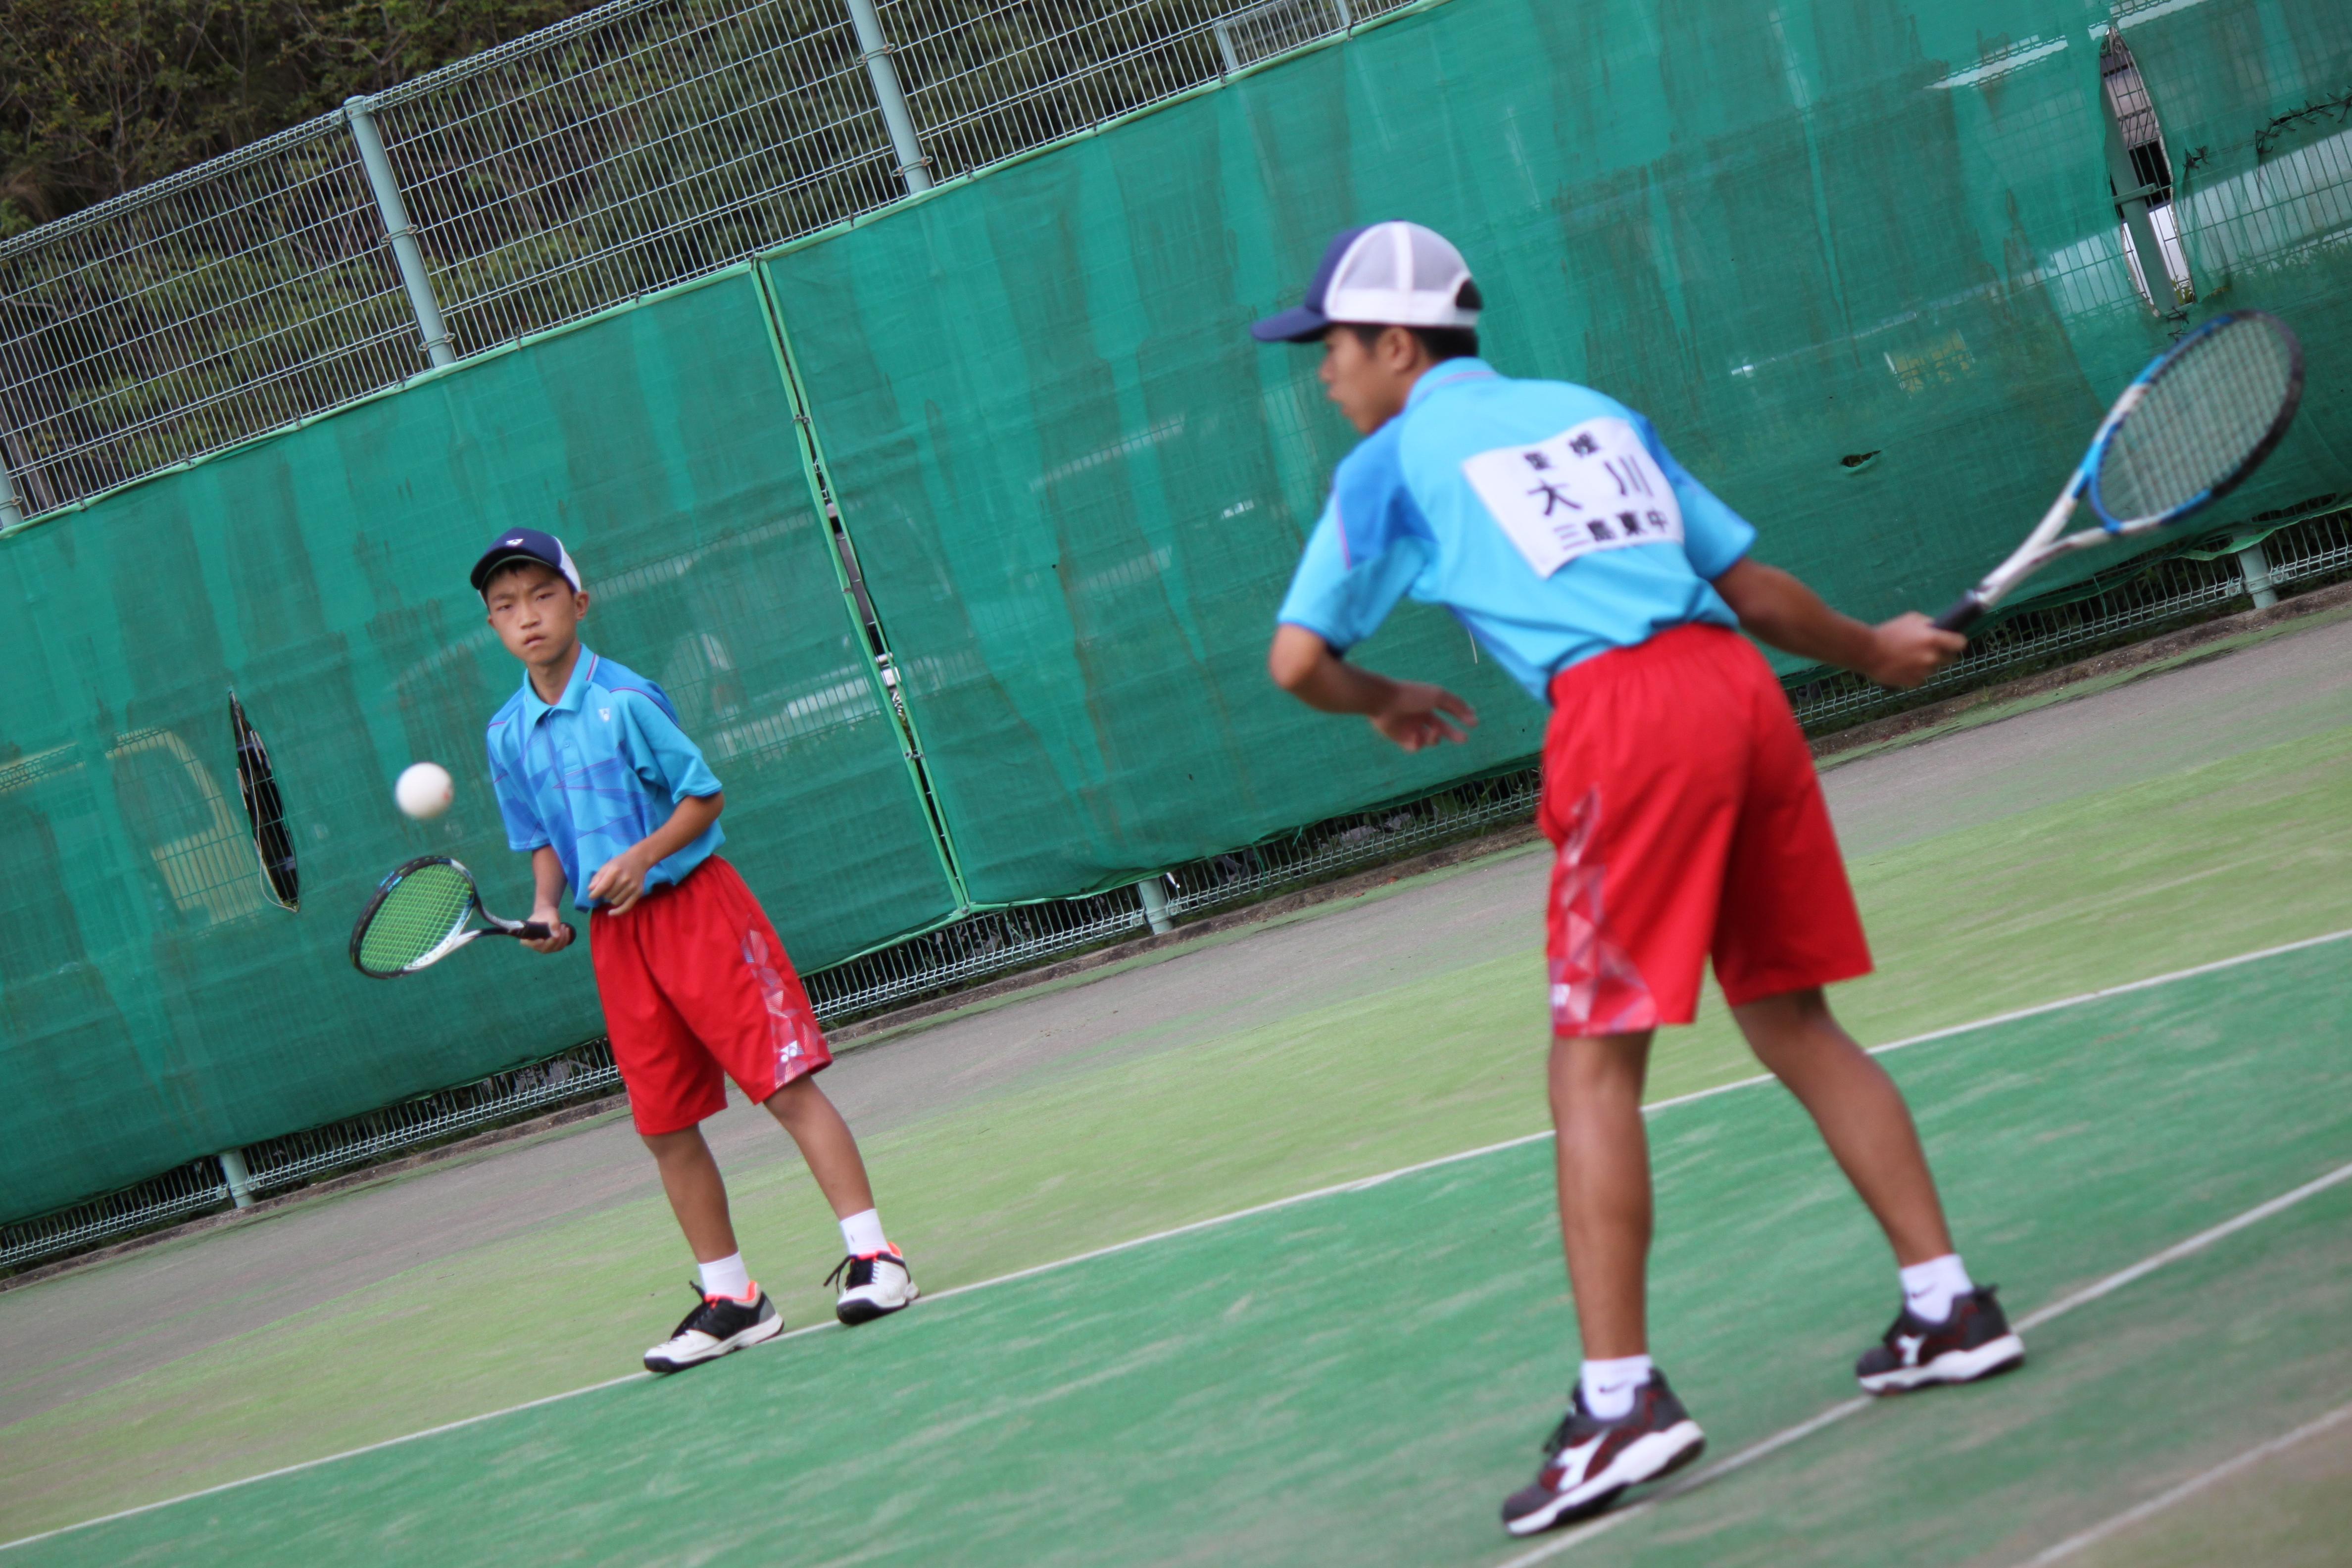 ソフトテニス (477)